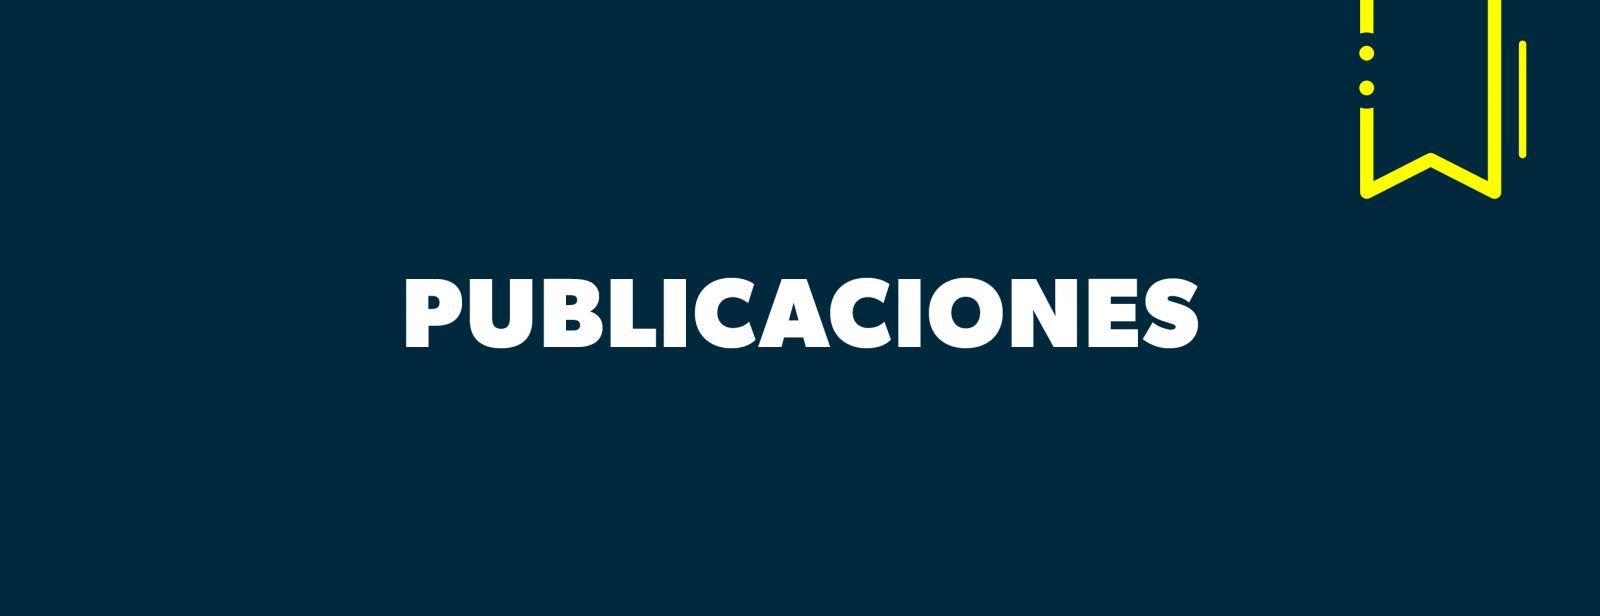 Publicaciones de la Universidad de los Andes